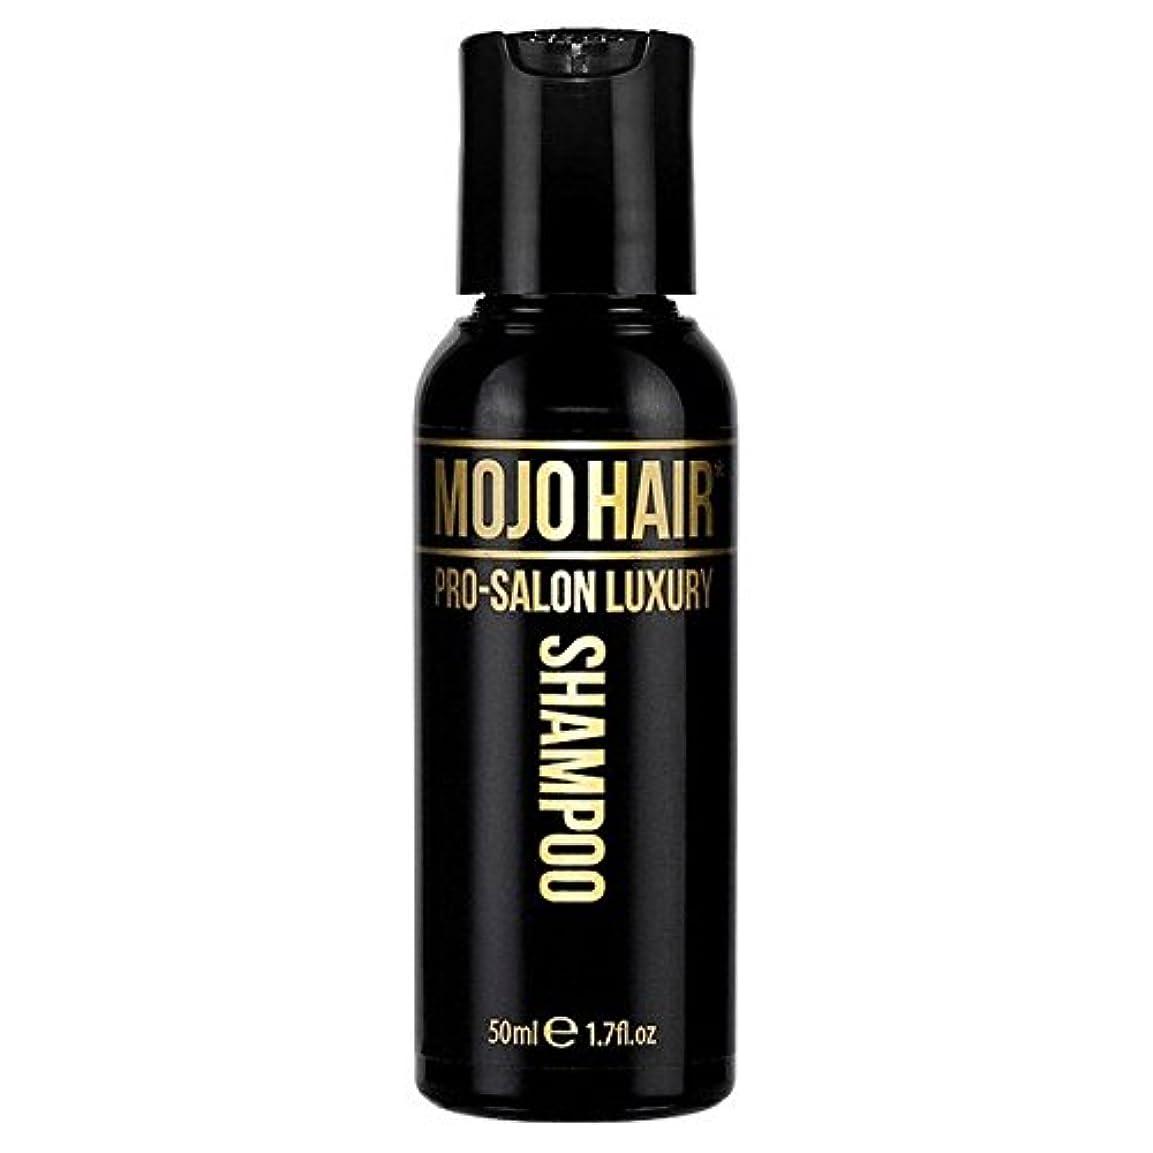 聴衆プロペラ封建MOJO HAIR Pro-Salon Luxury Fragrance Shampoo for Men, Travel Size 50ml - 男性のためのモジョの毛プロのサロンの贅沢な香りのシャンプー、トラベルサイズの50ミリリットル [並行輸入品]